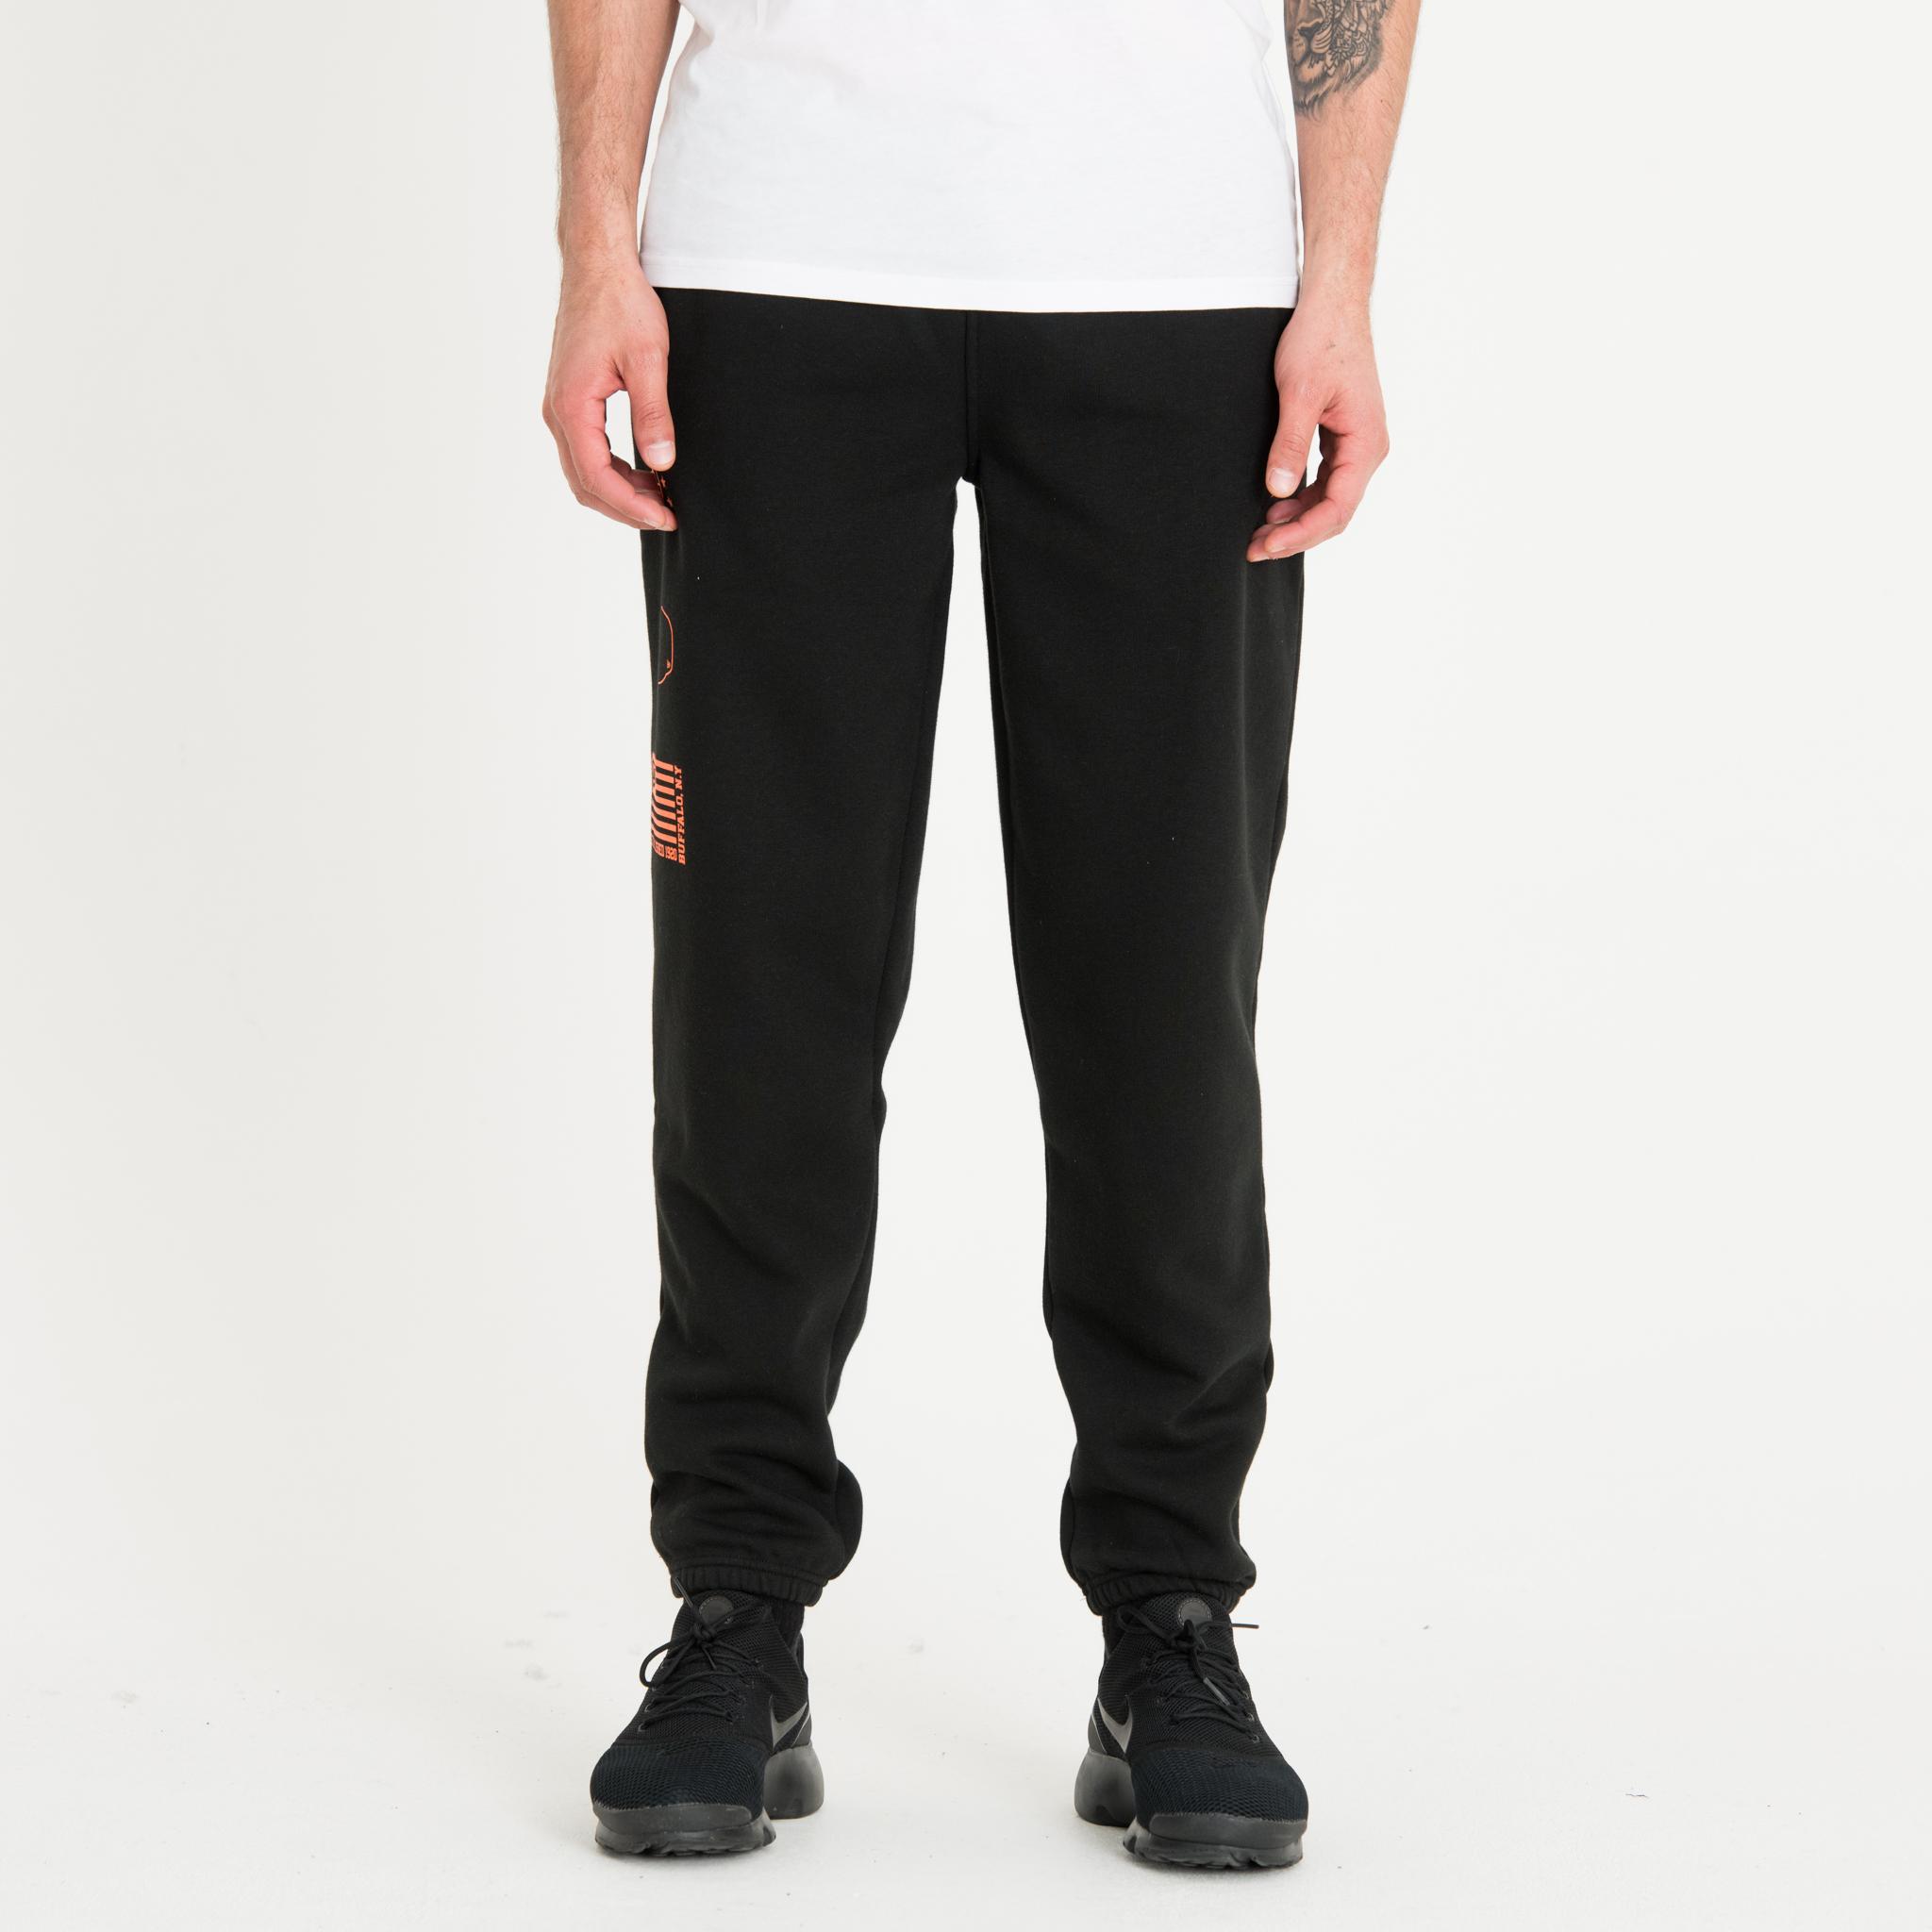 Pantalon de jogging imprimé noir New Era